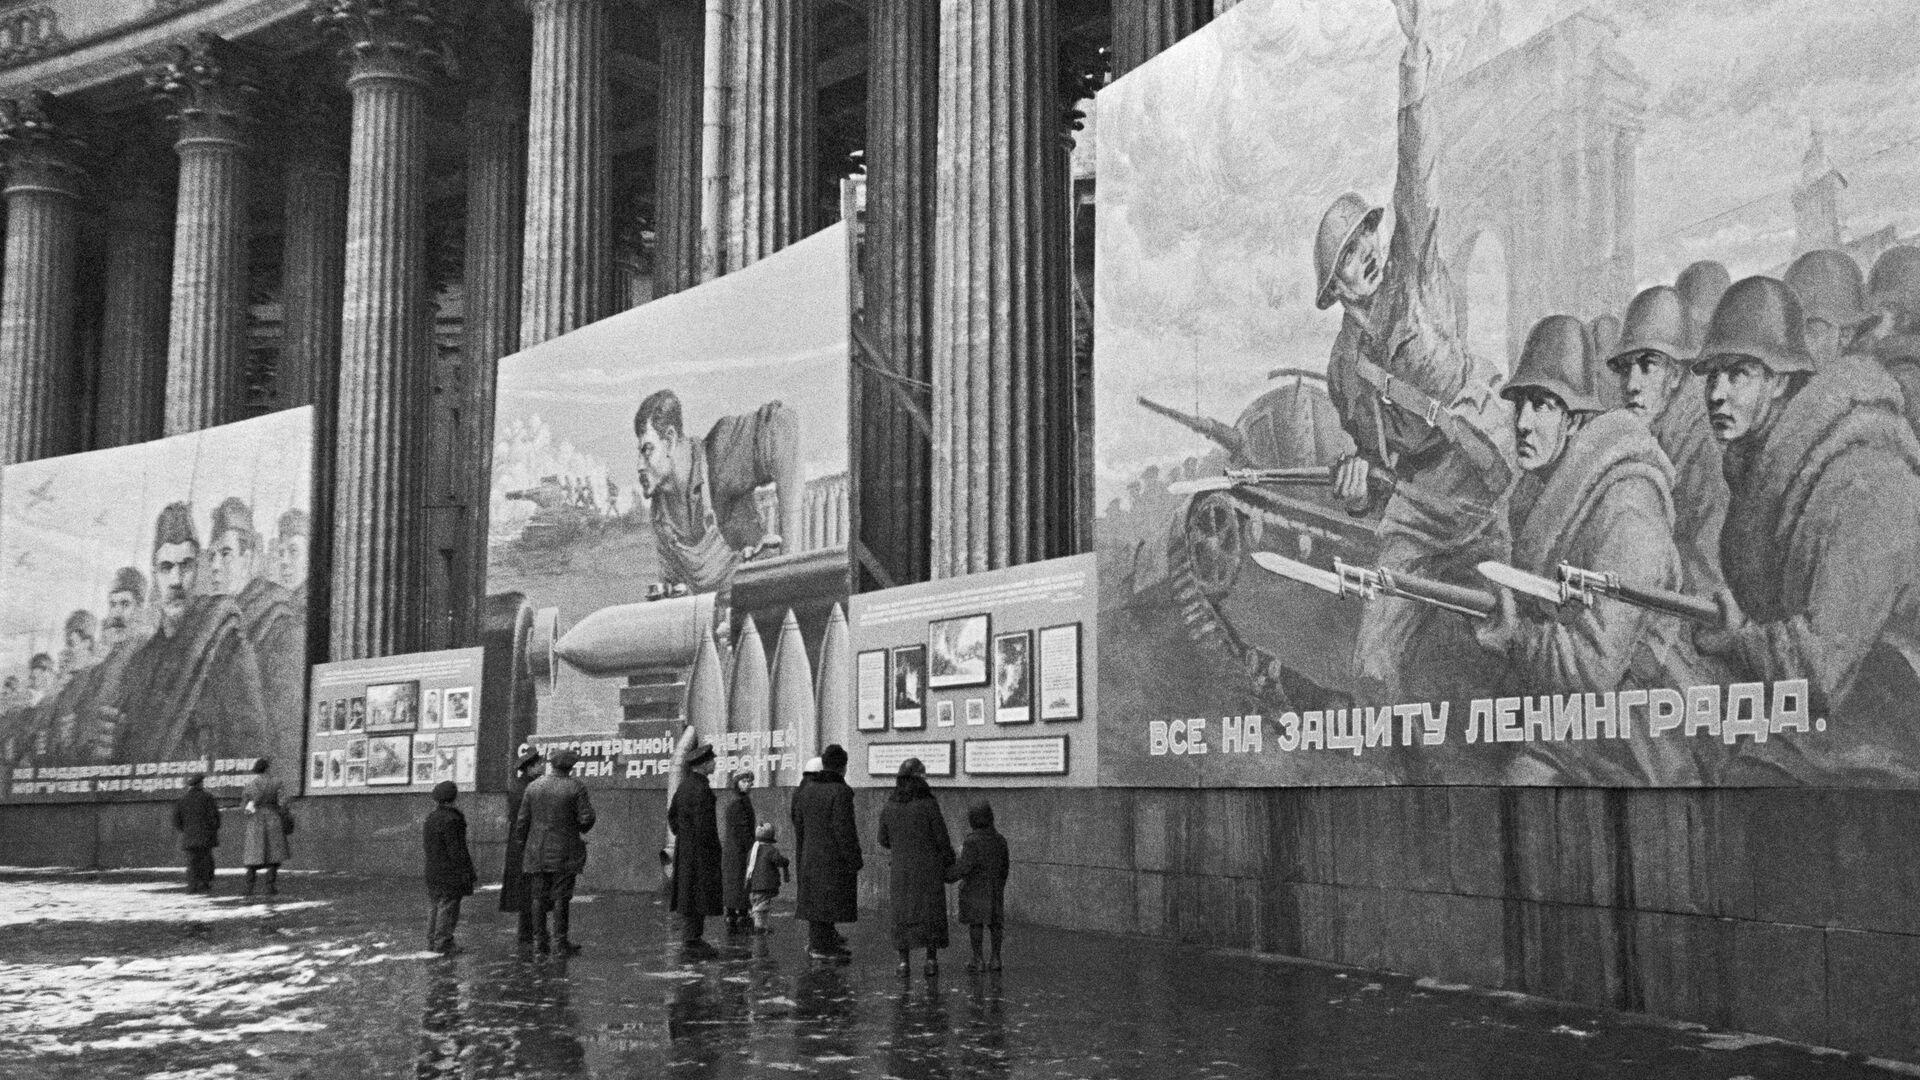 Плакаты на Казанском соборе. Ленинград октябрь 1941 года - Sputnik Аҧсны, 1920, 17.09.2021